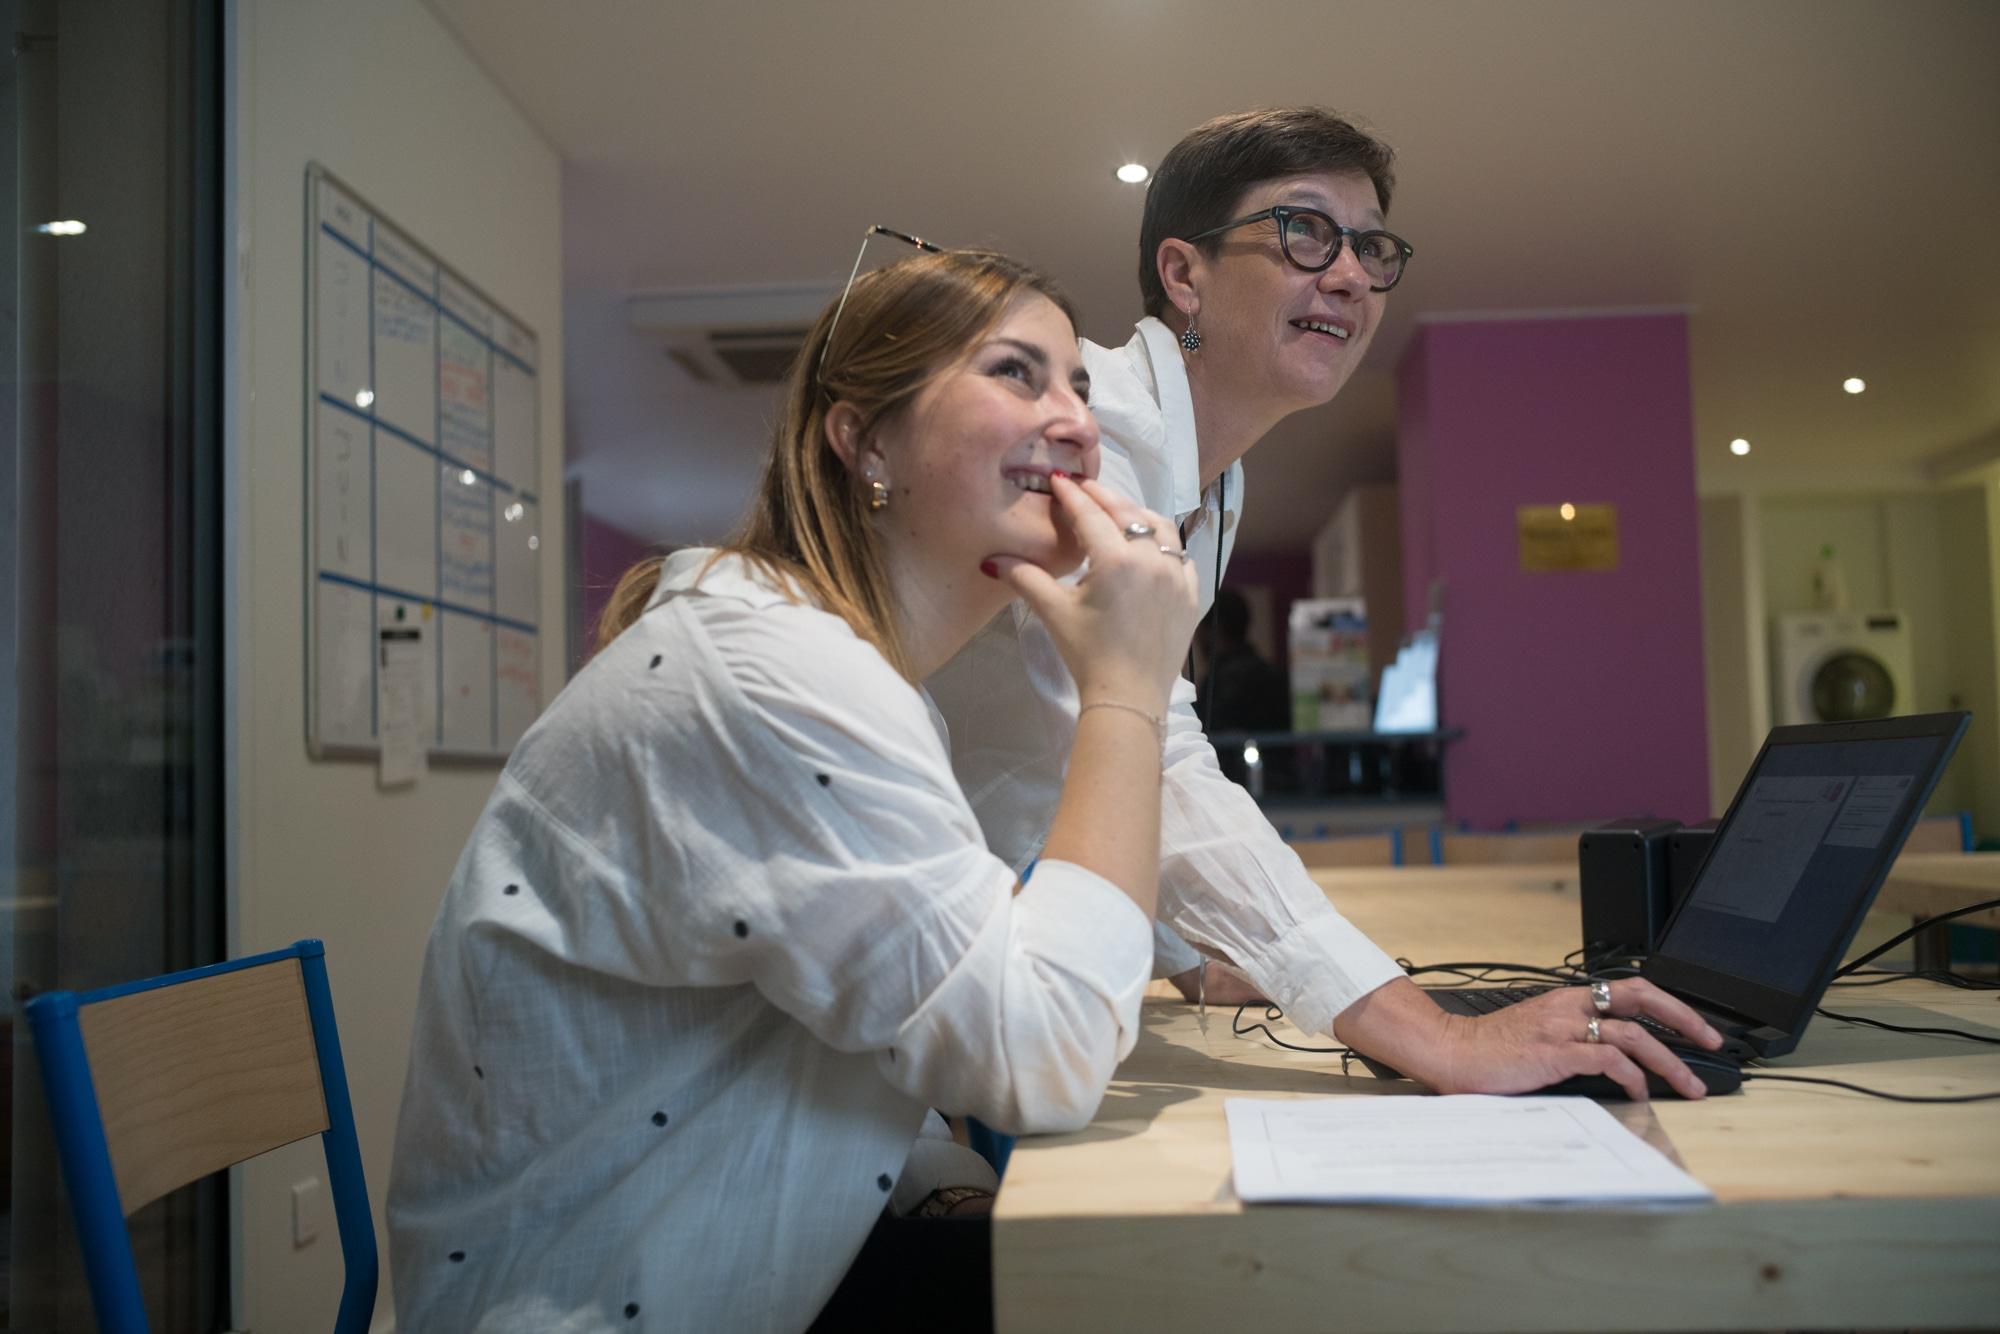 Mathilde projette un fichier à l'aide d'un ordinateur, à côté d'une personne. Toutes deux sourient en regardant l'écran.